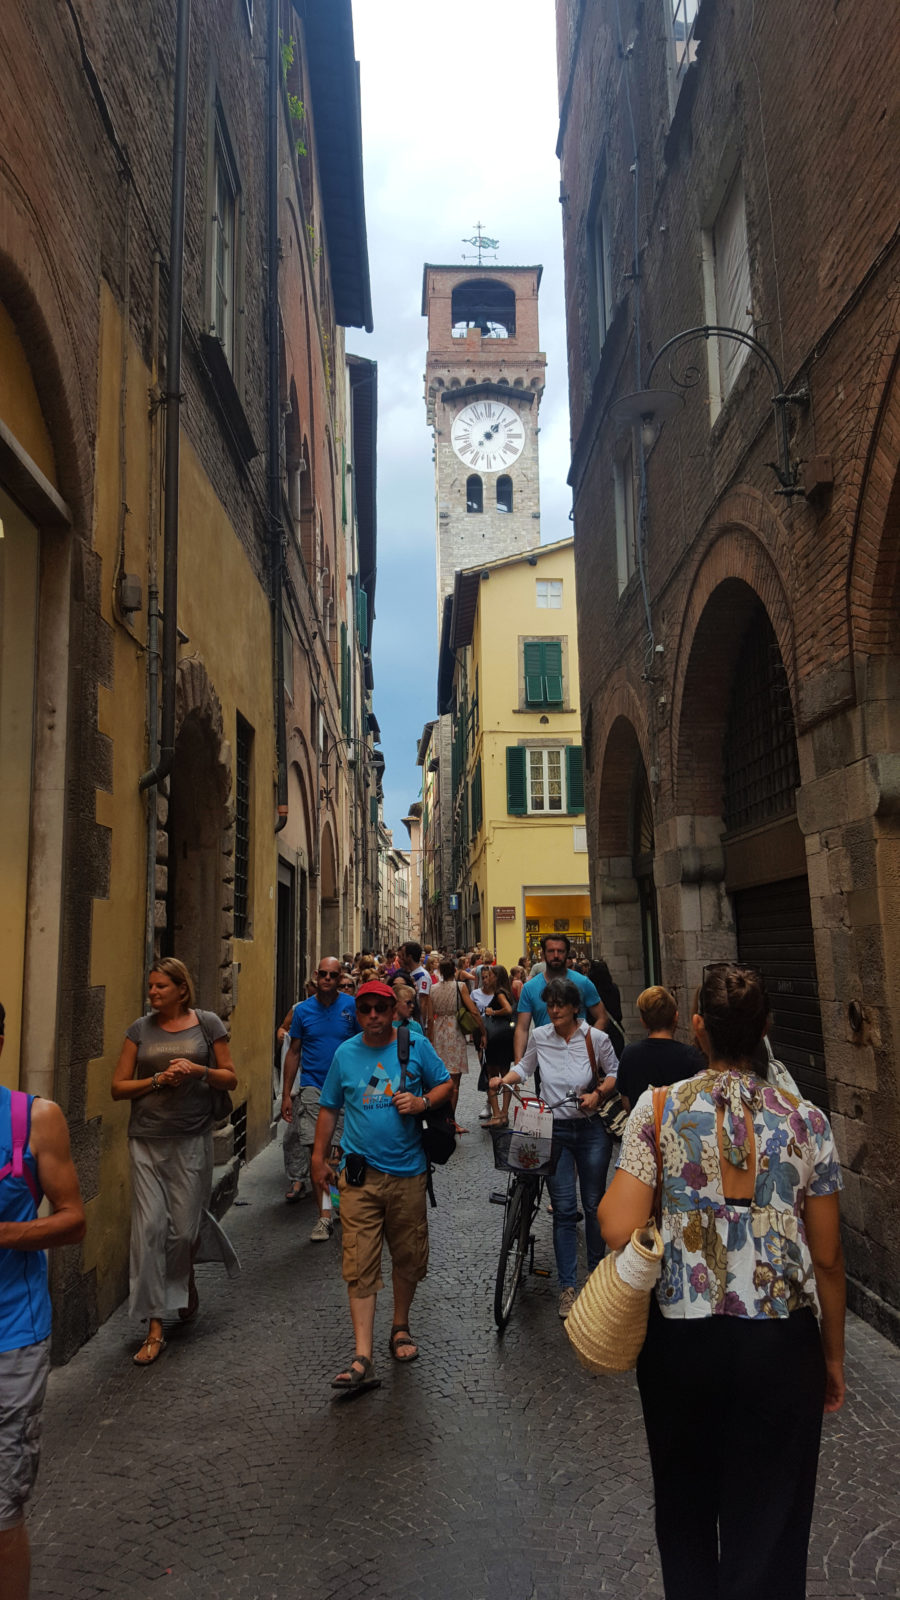 Luccas Innenstadt